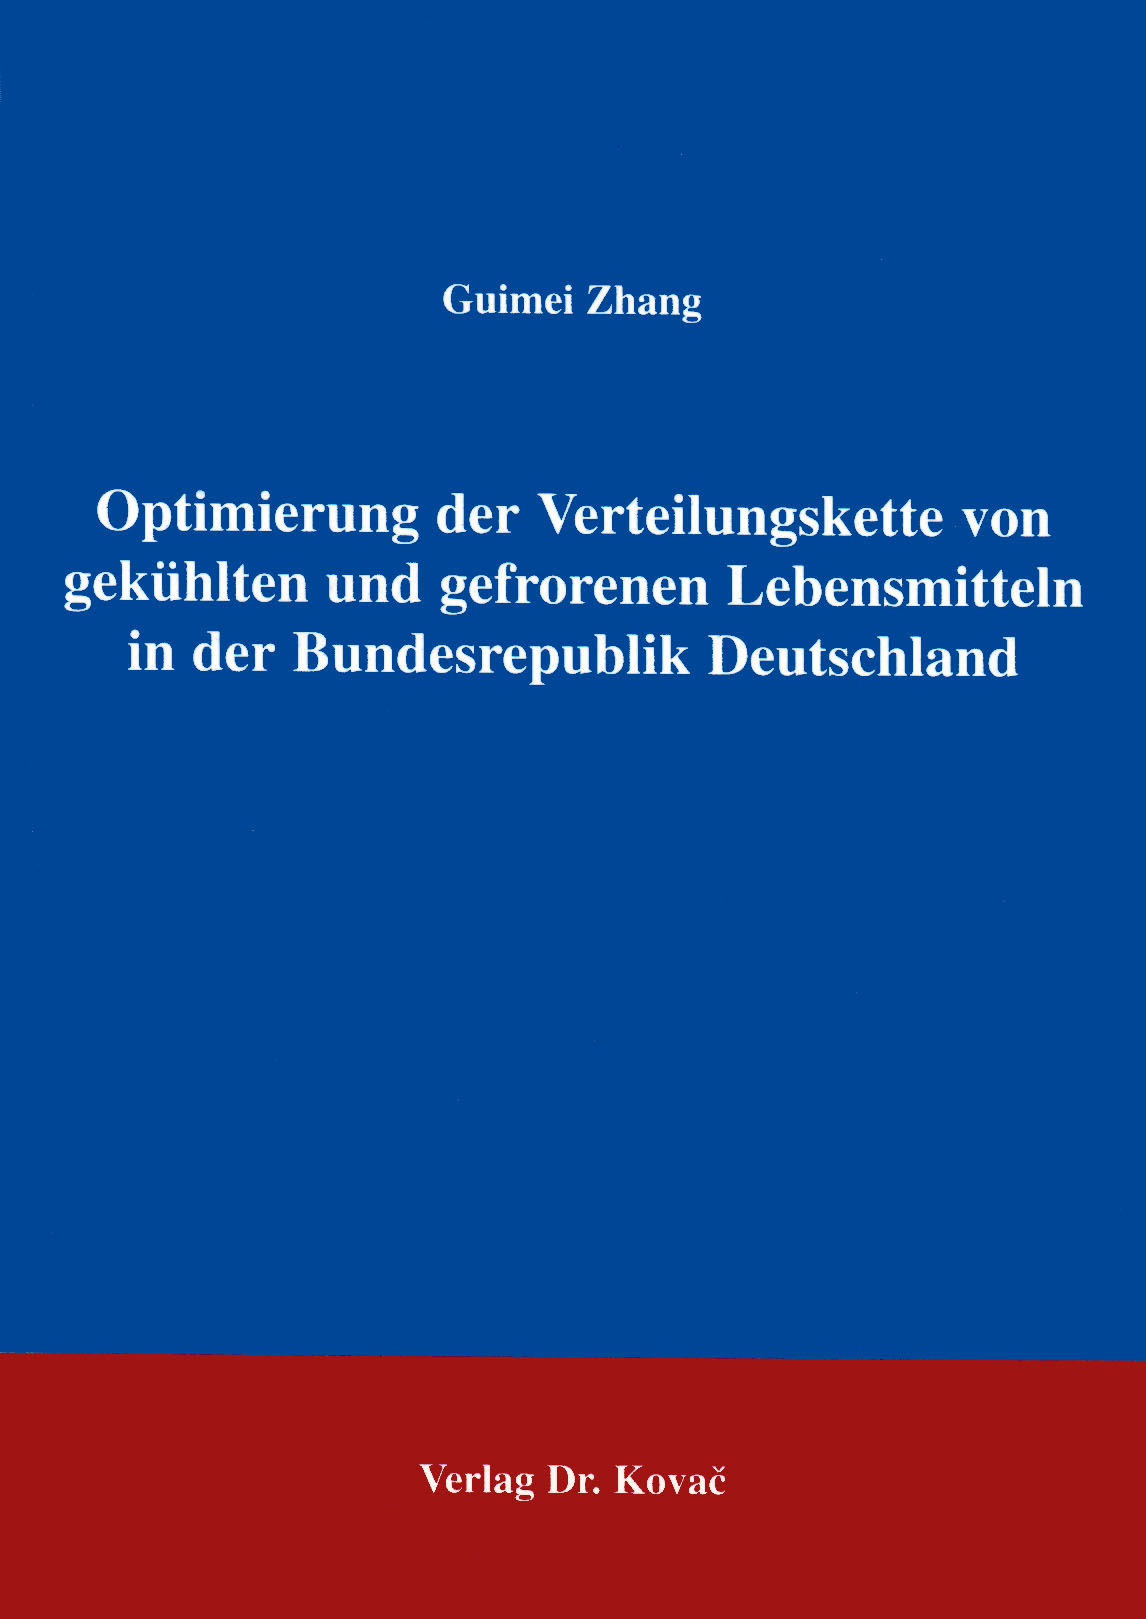 Cover: Optimierung der Verteilungskette von gekühlten und gefrorenen Lebensmitteln in der Bundesrepublik Deutschland